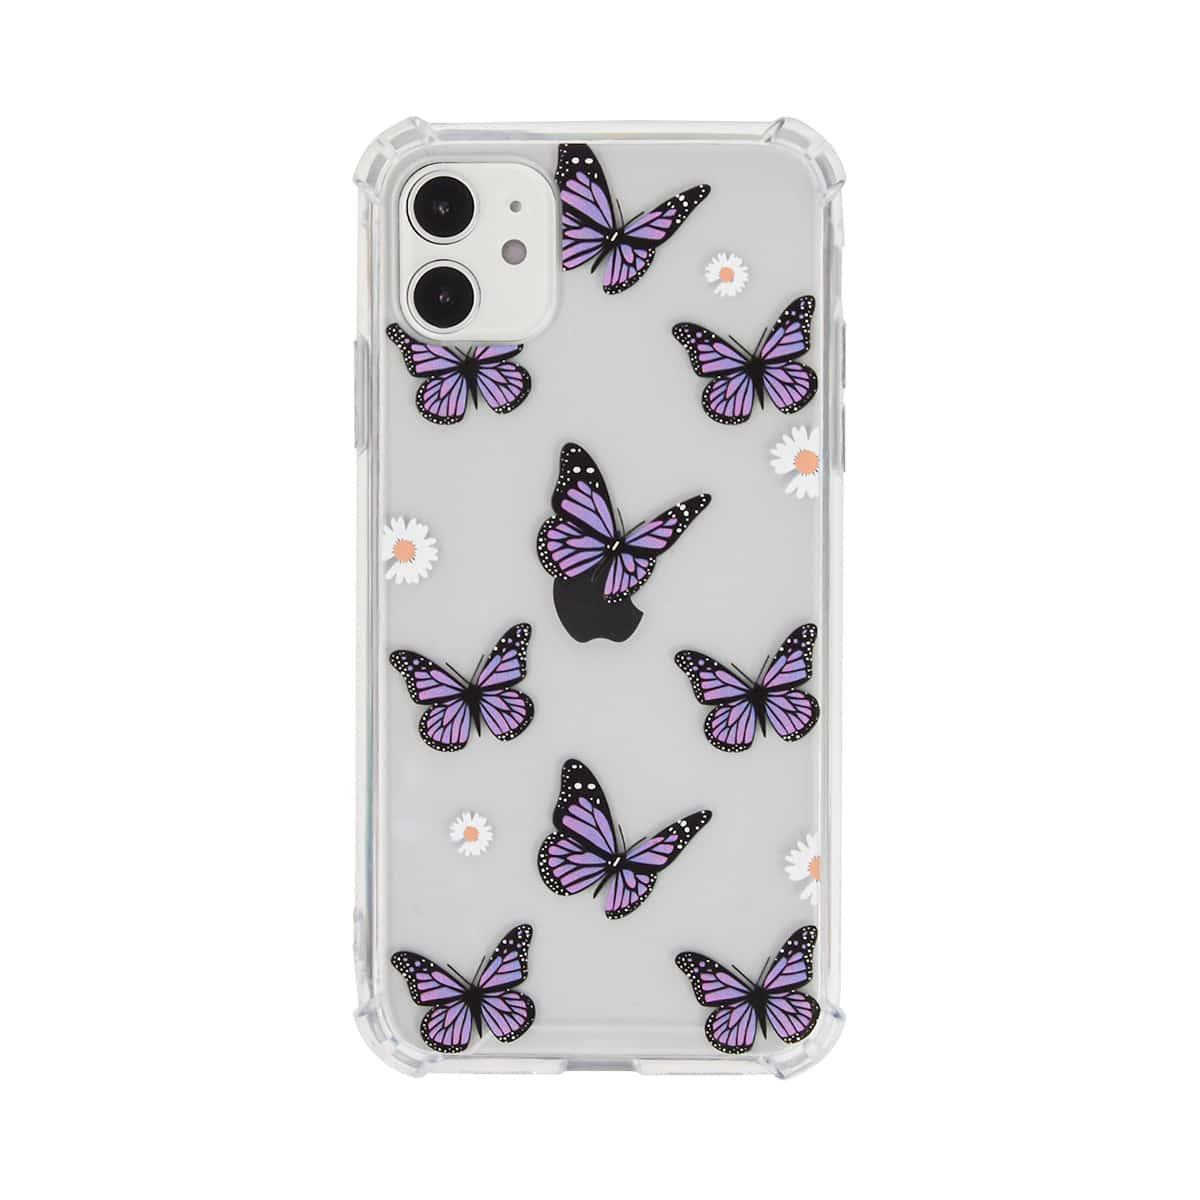 Custodia per iPhone con stampa farfalla & fiore